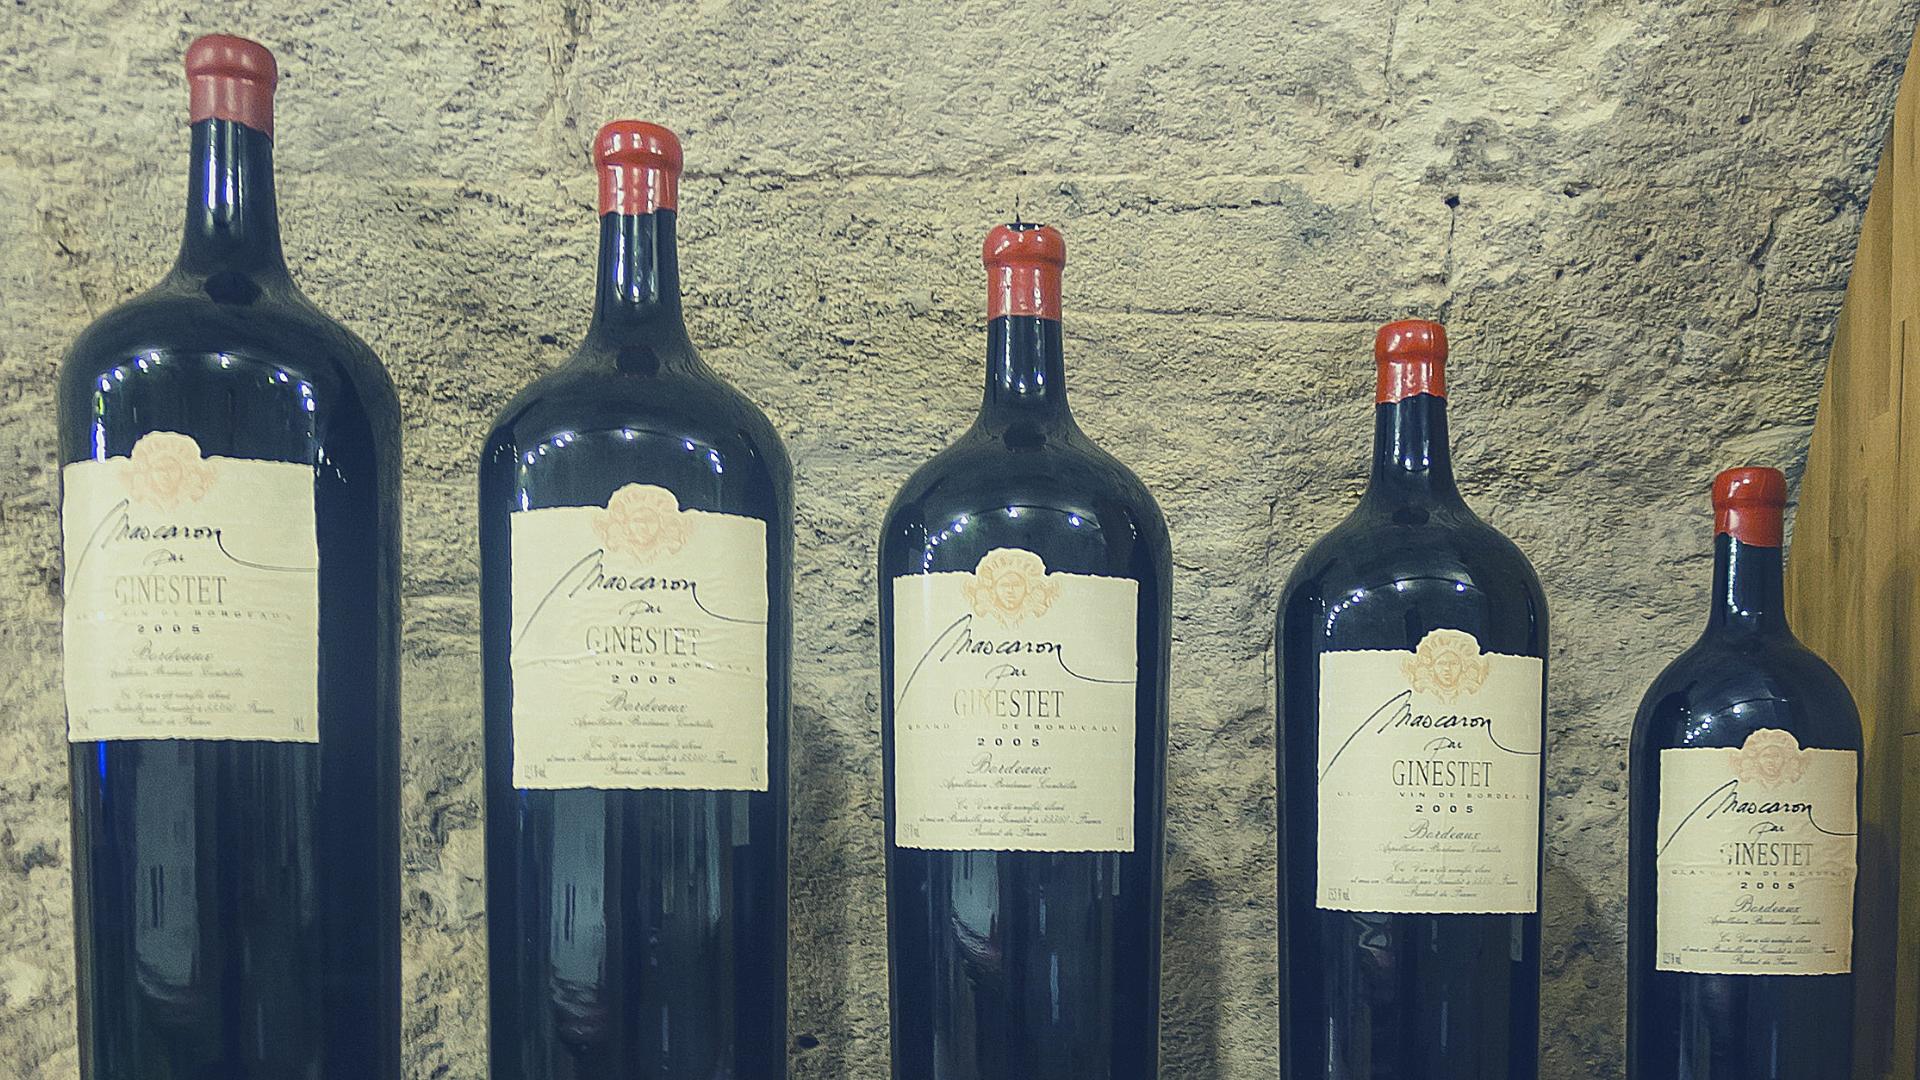 пять 5 бутылок вина от маленькой до большой ретро упаковка